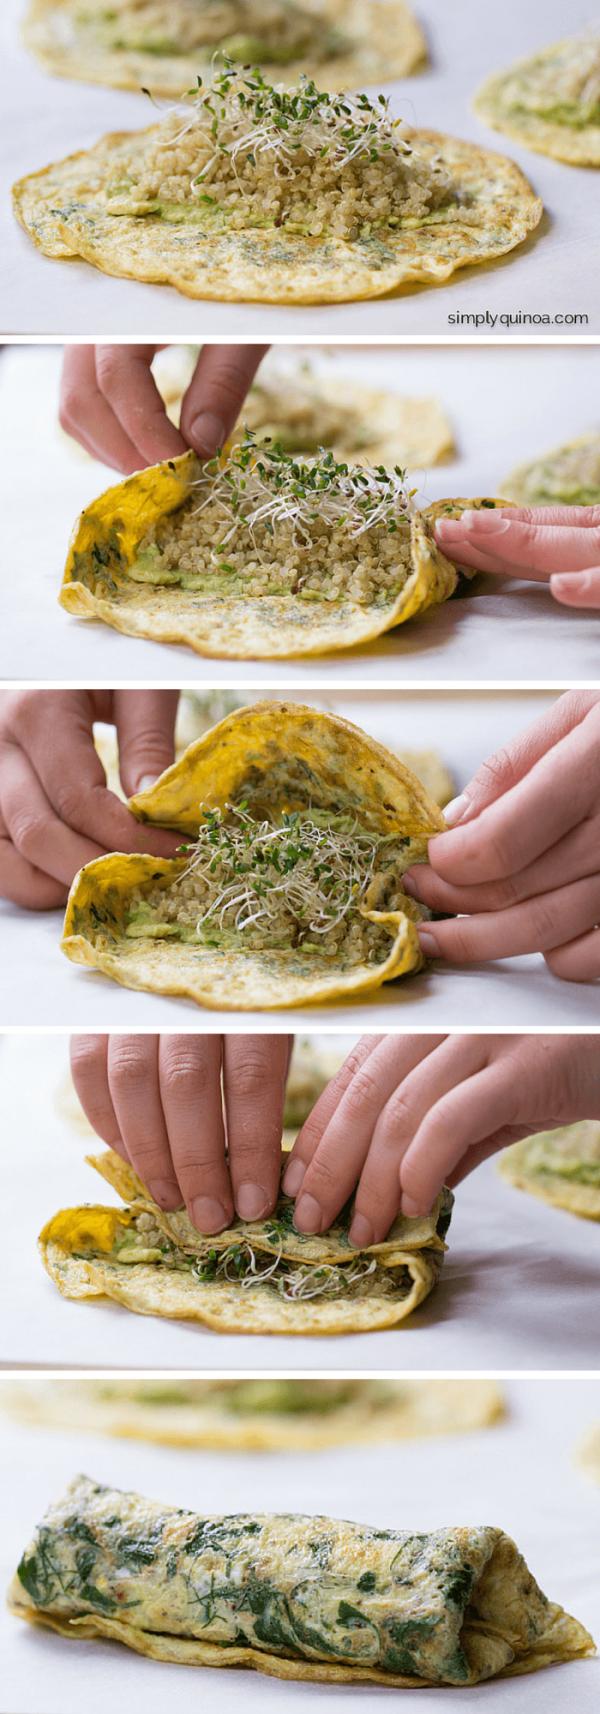 Herbed Quinoa Breakfast Wraps